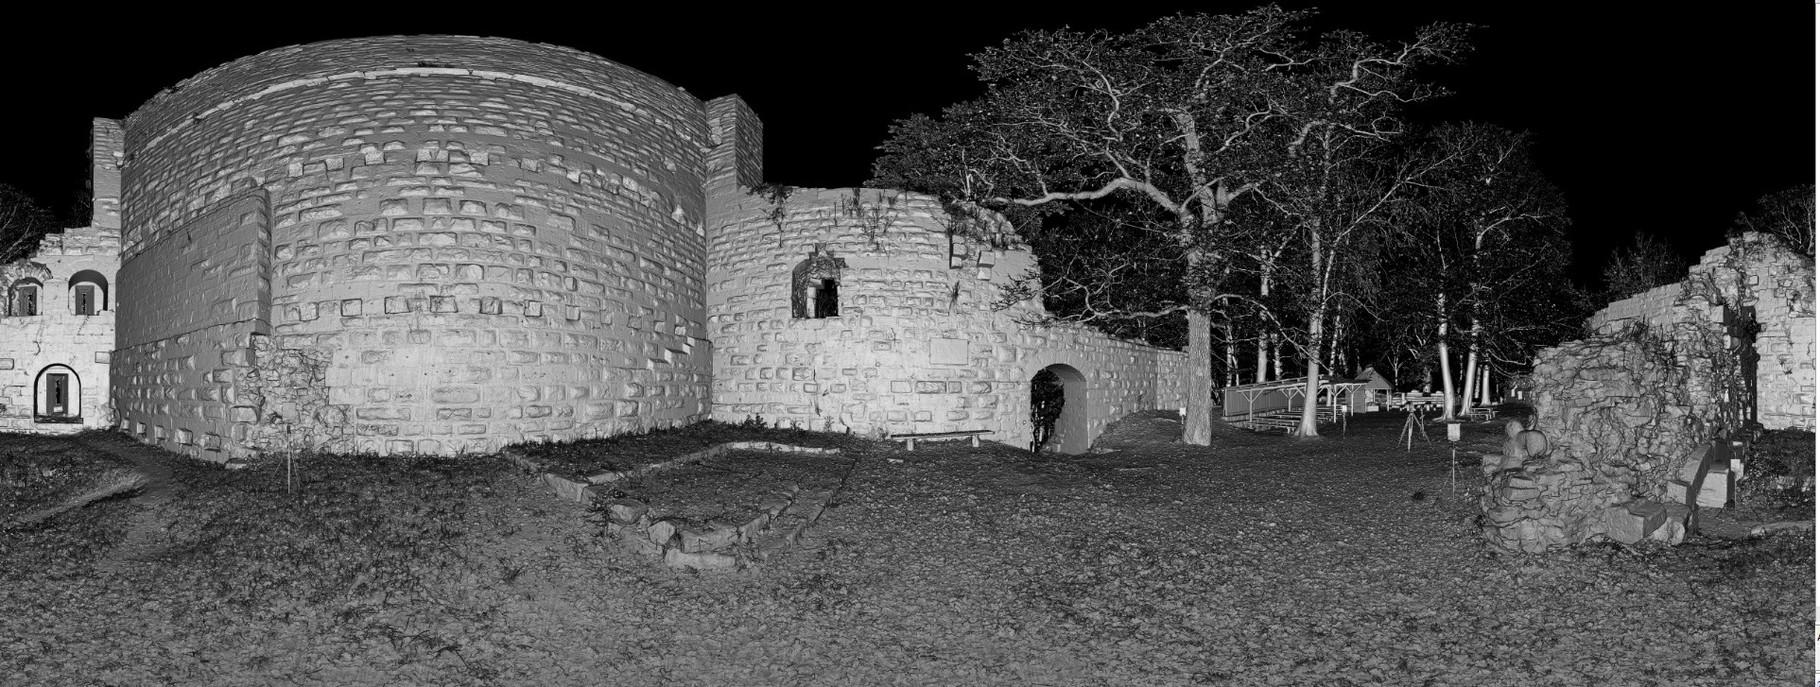 Scannerdaten, 360°-Scan Burg innen